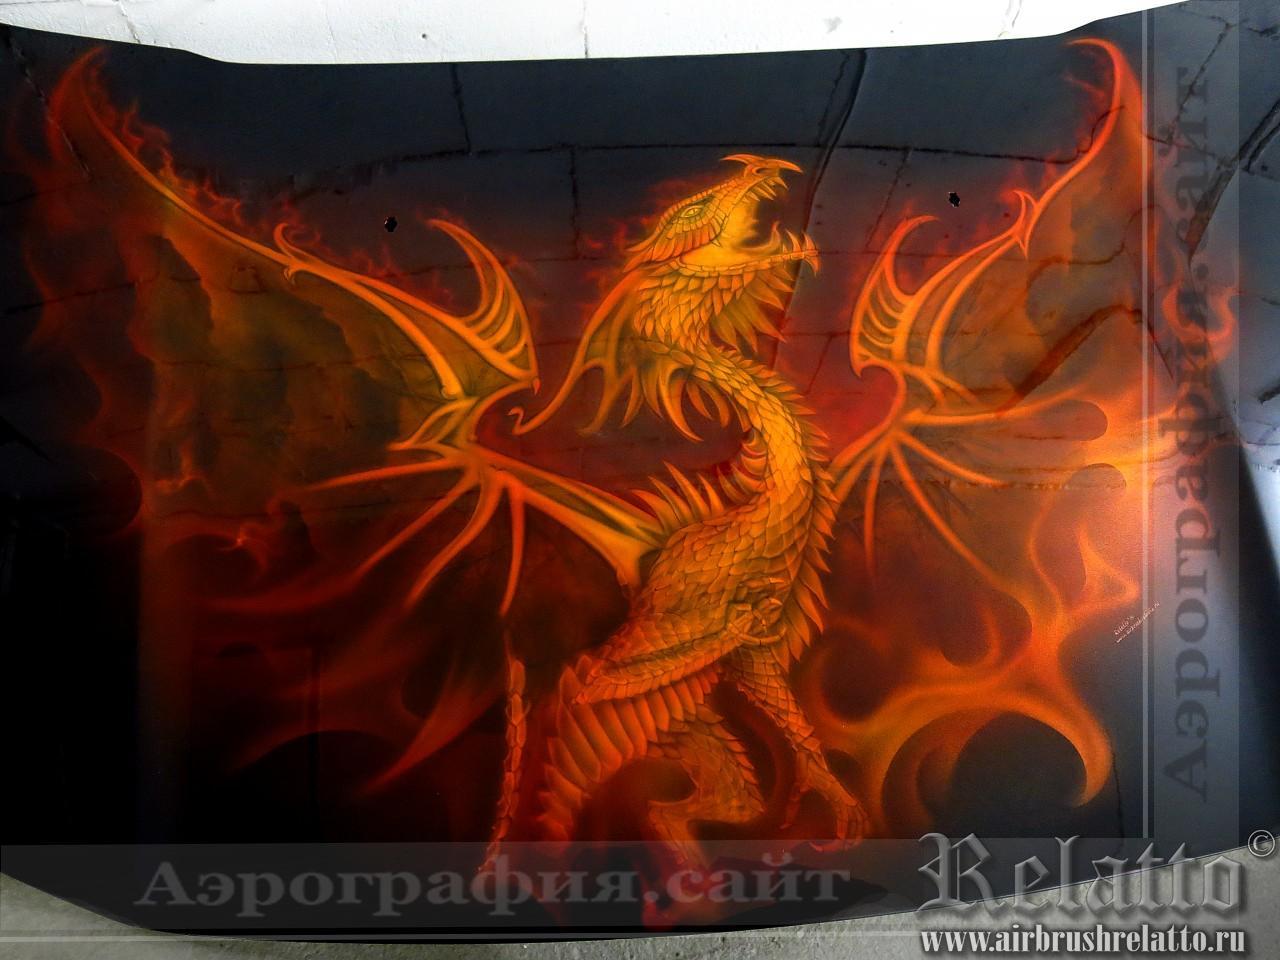 аэрография на капоте автомобиля Огненный дракон